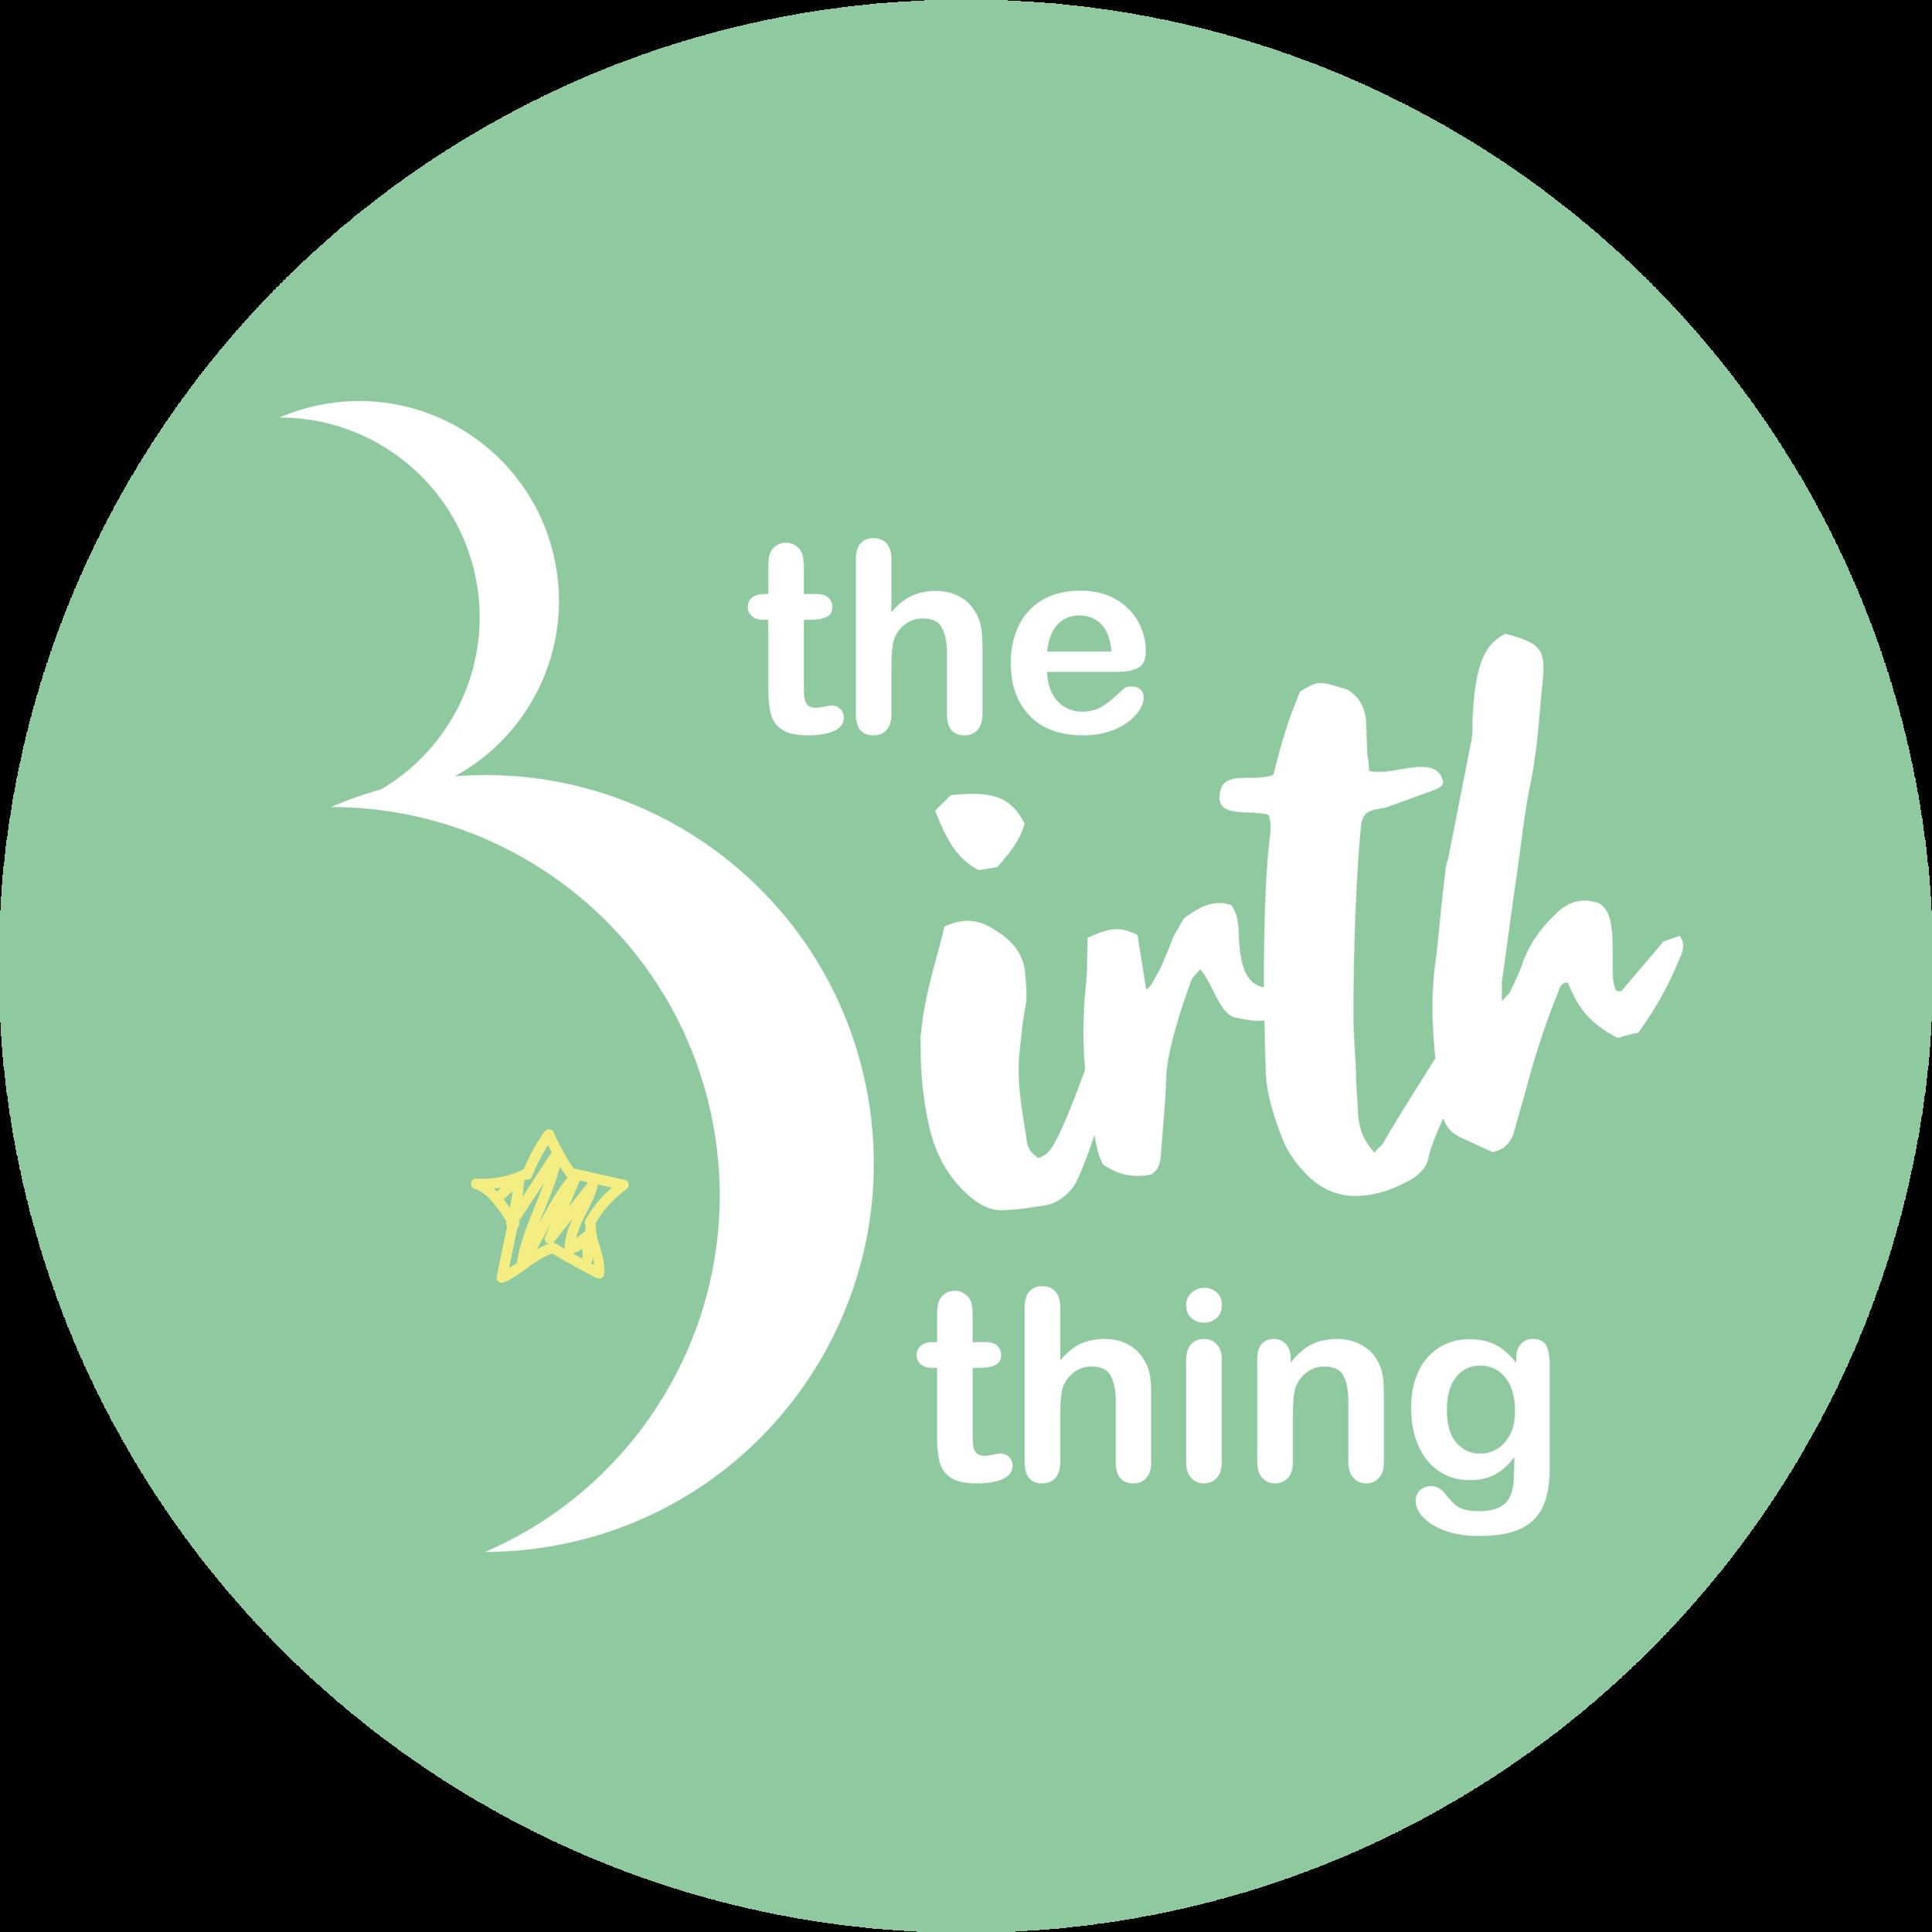 The Birth Thing GREEN CIRCLE.png